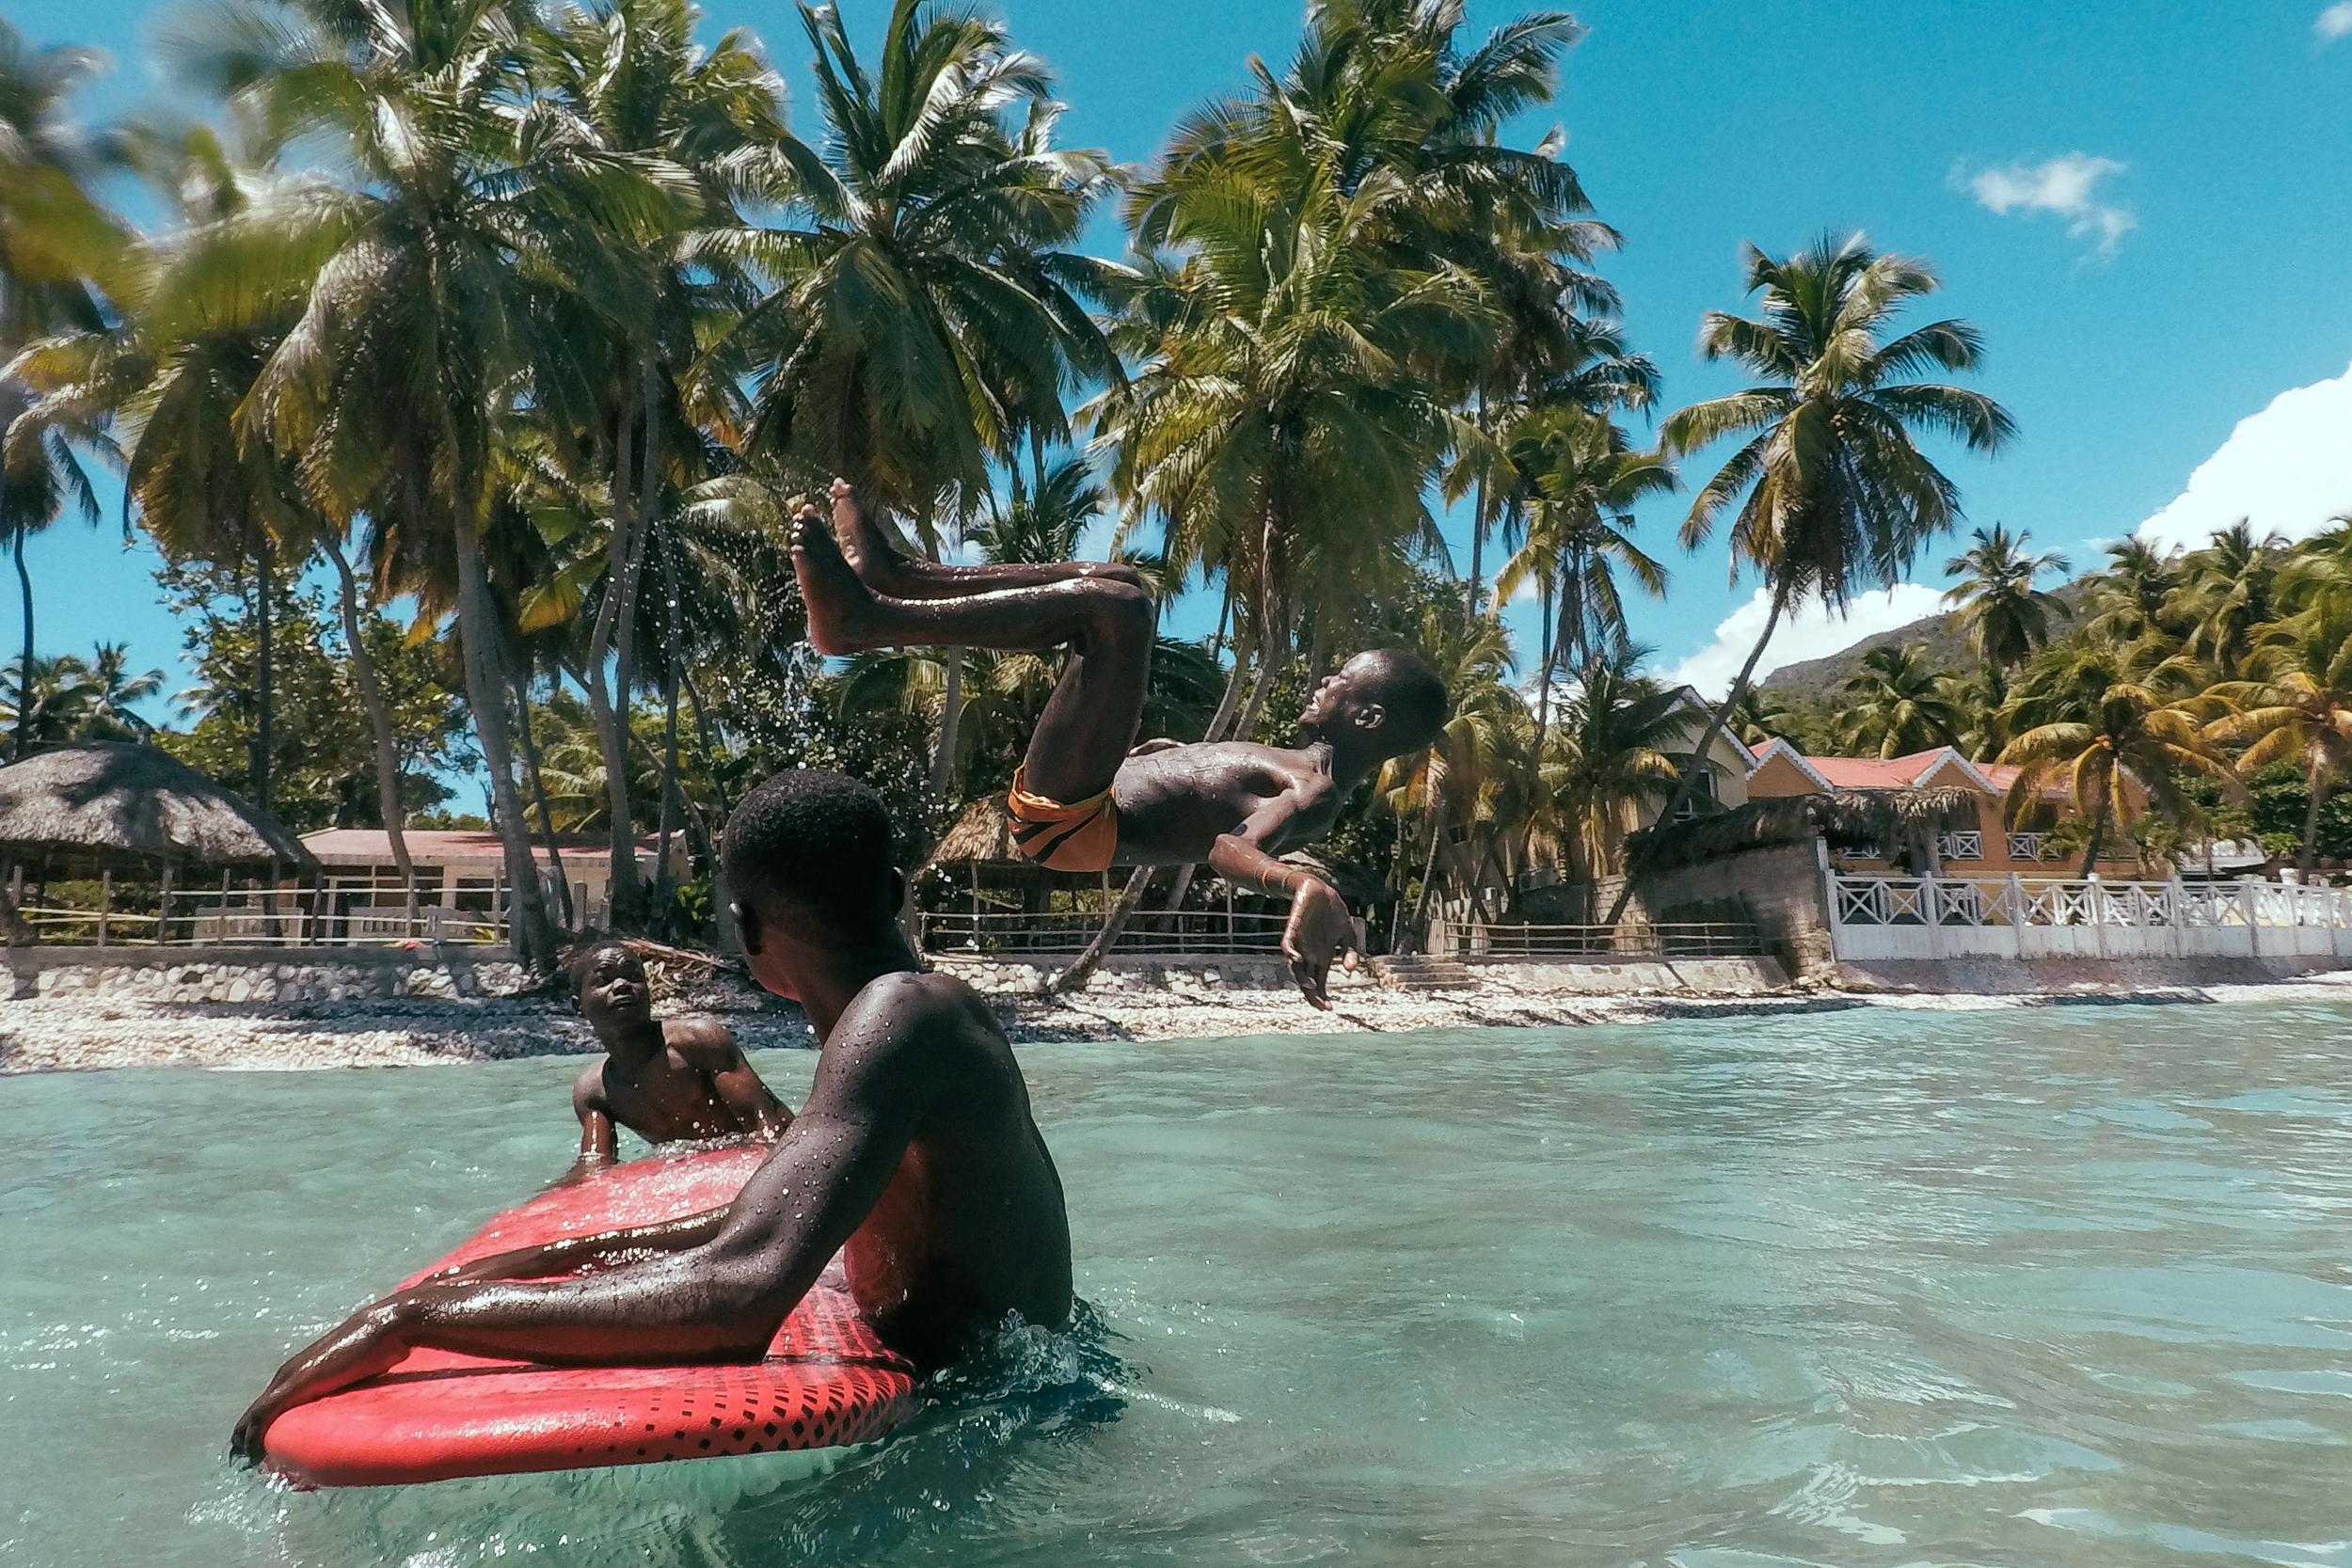 beach_boys-3.jpg